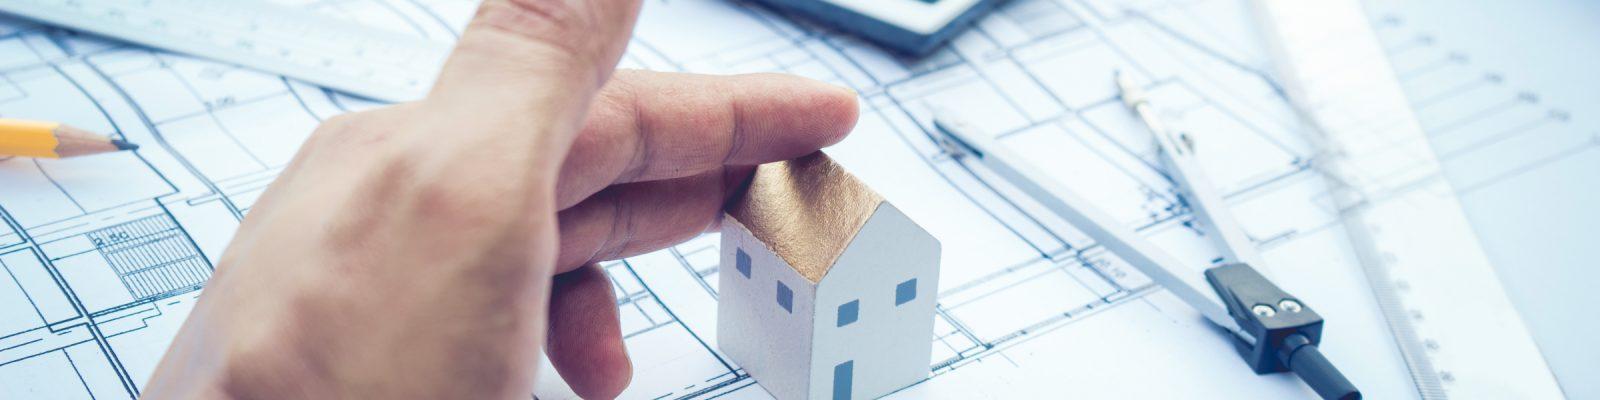 Immowerk - Ihr unabhängiger Immobilienmakler im Allgäu